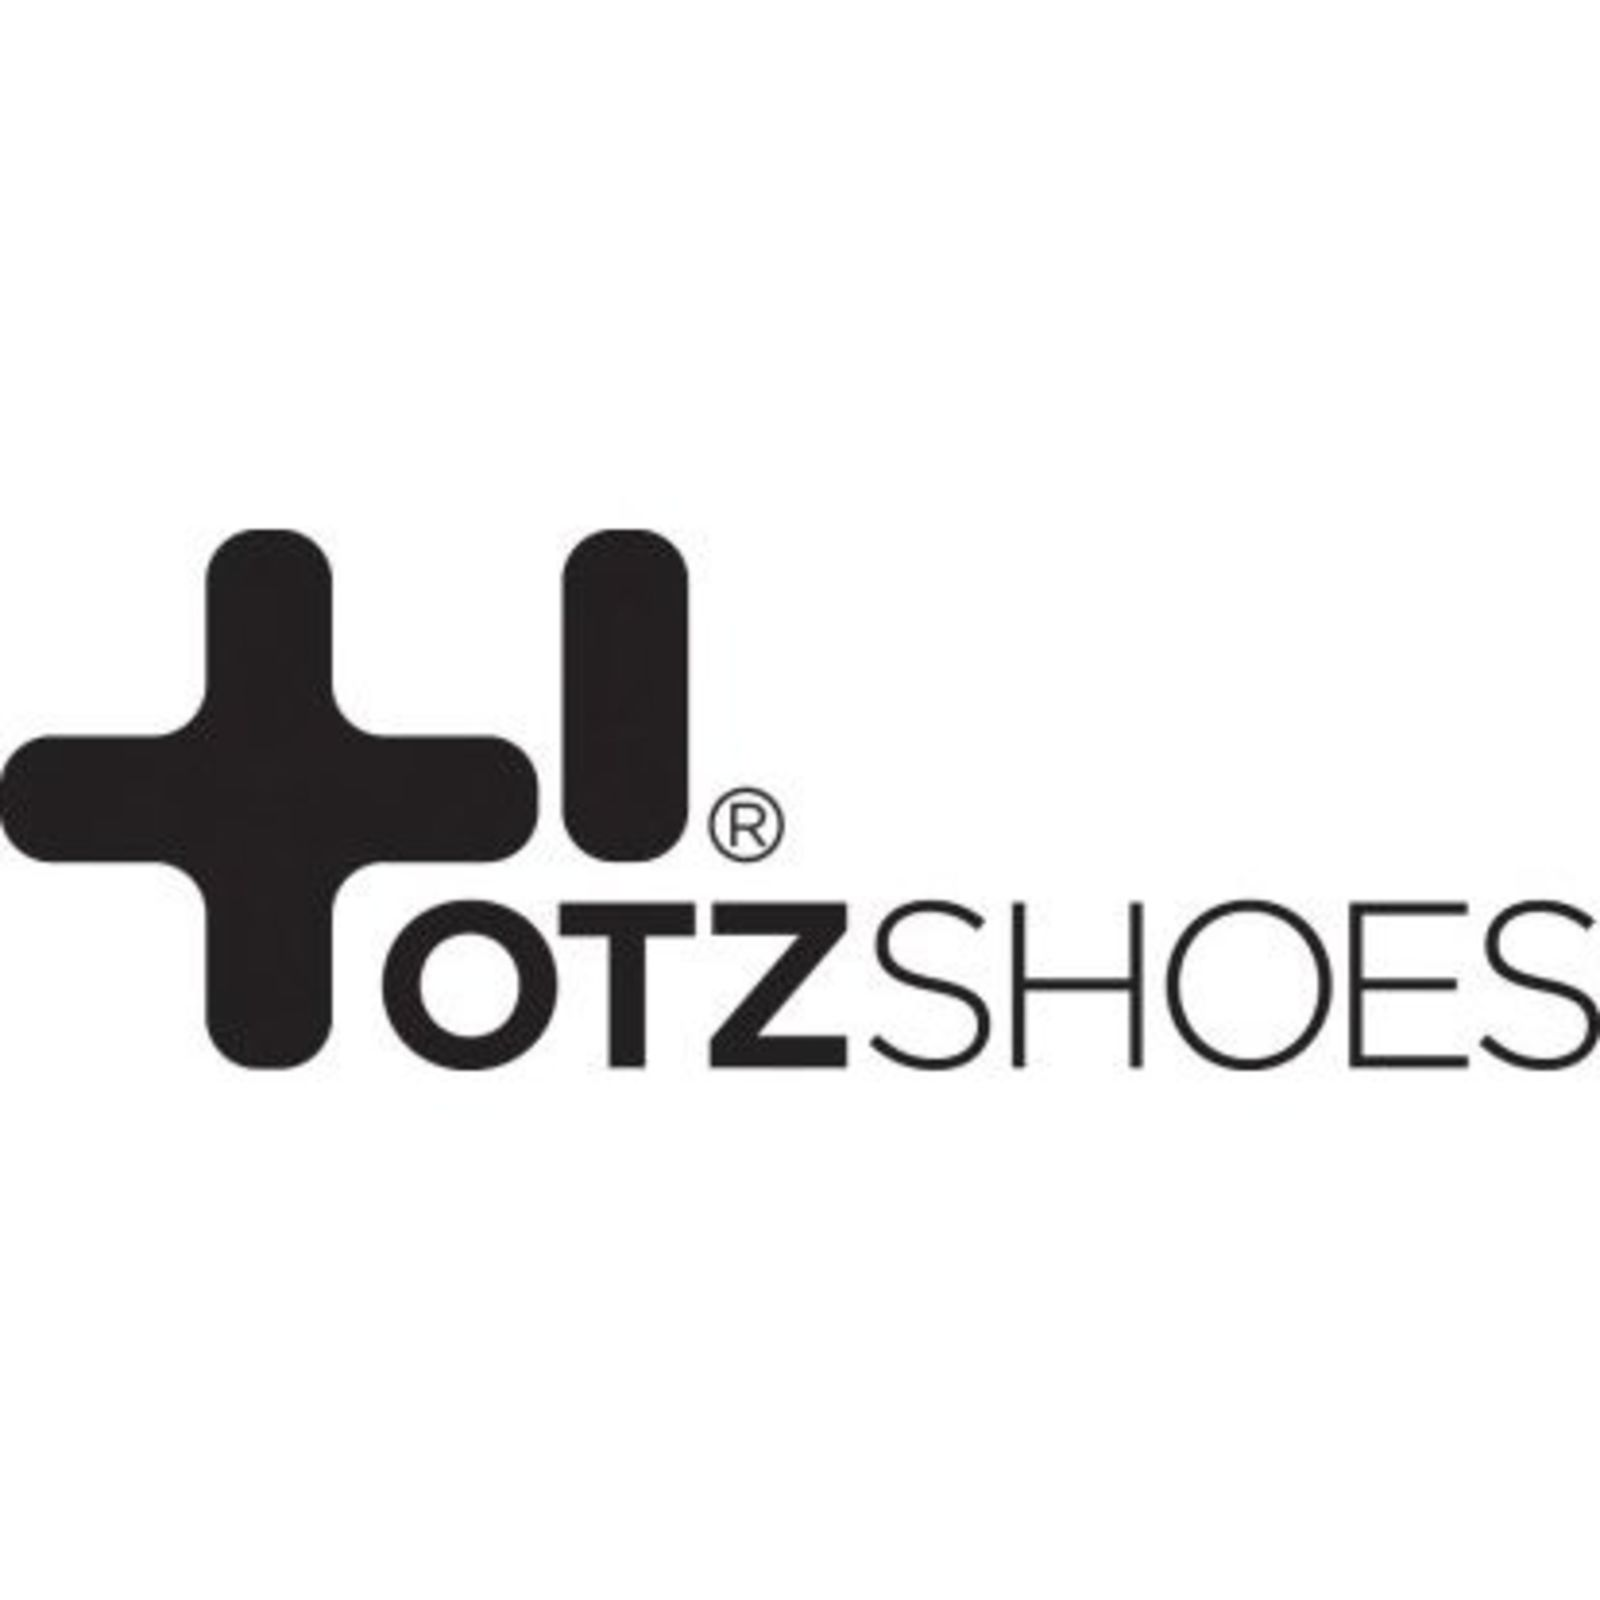 OTZshoes